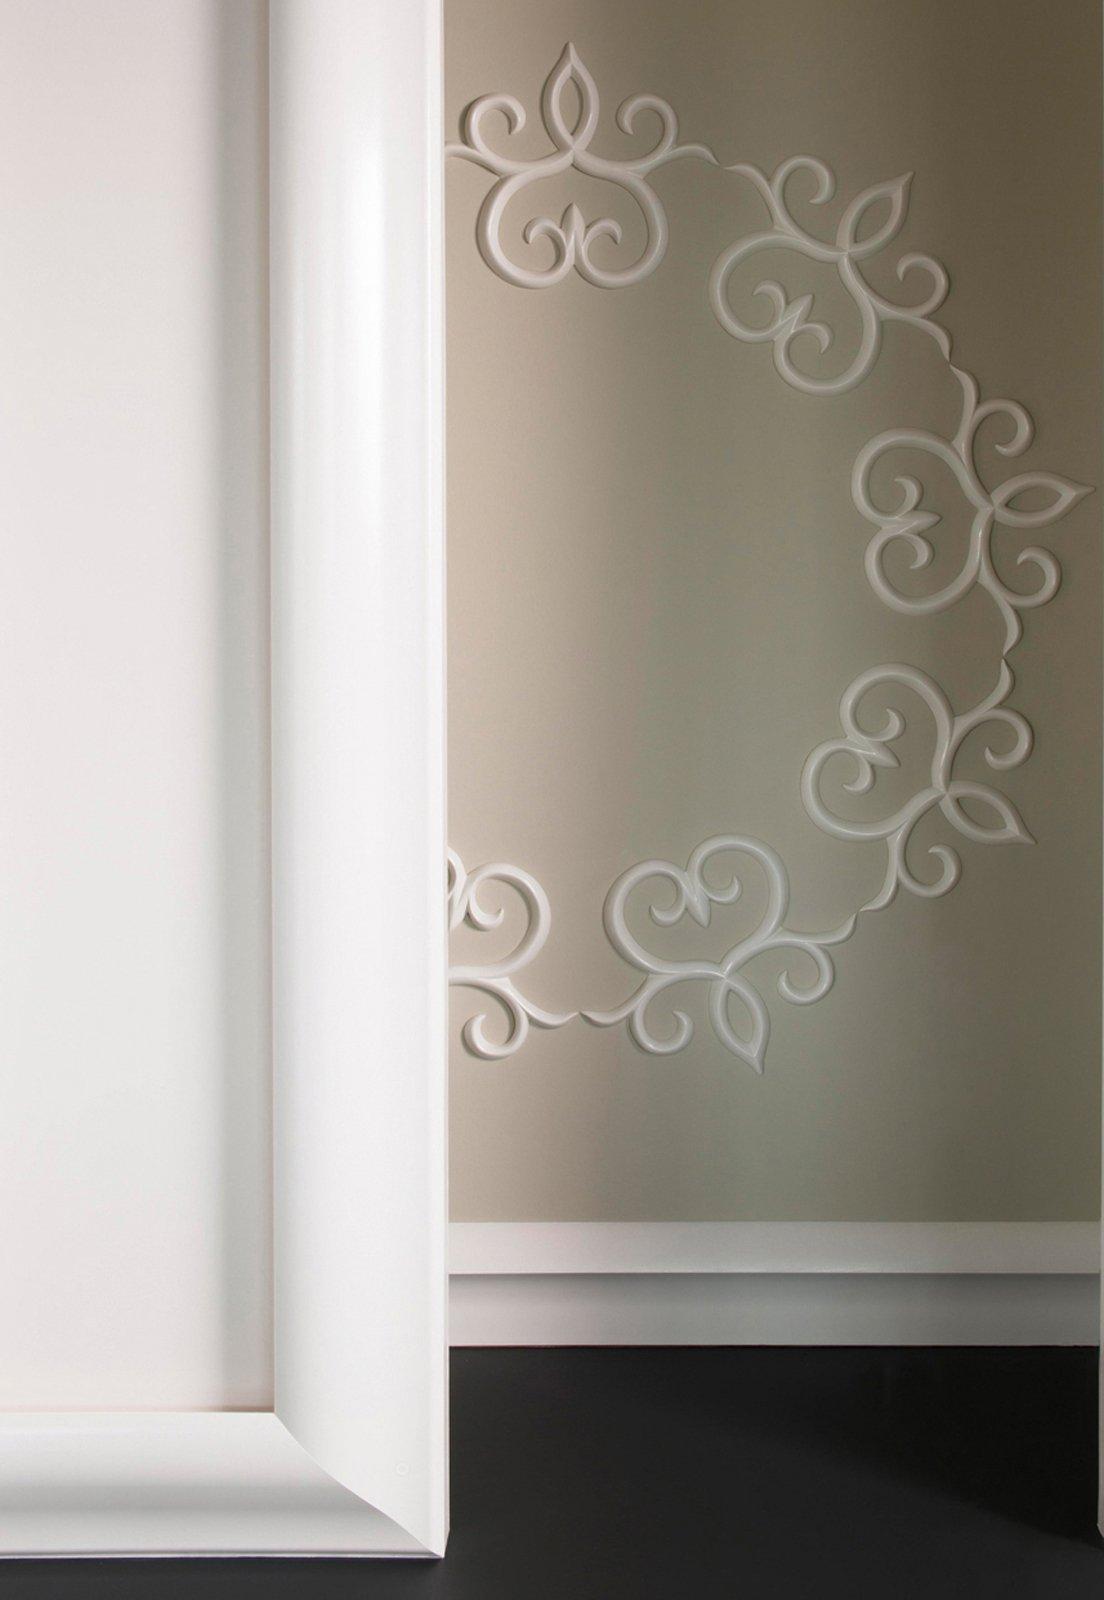 Decorare la parete con profili, fregi, stickers - Cose di Casa